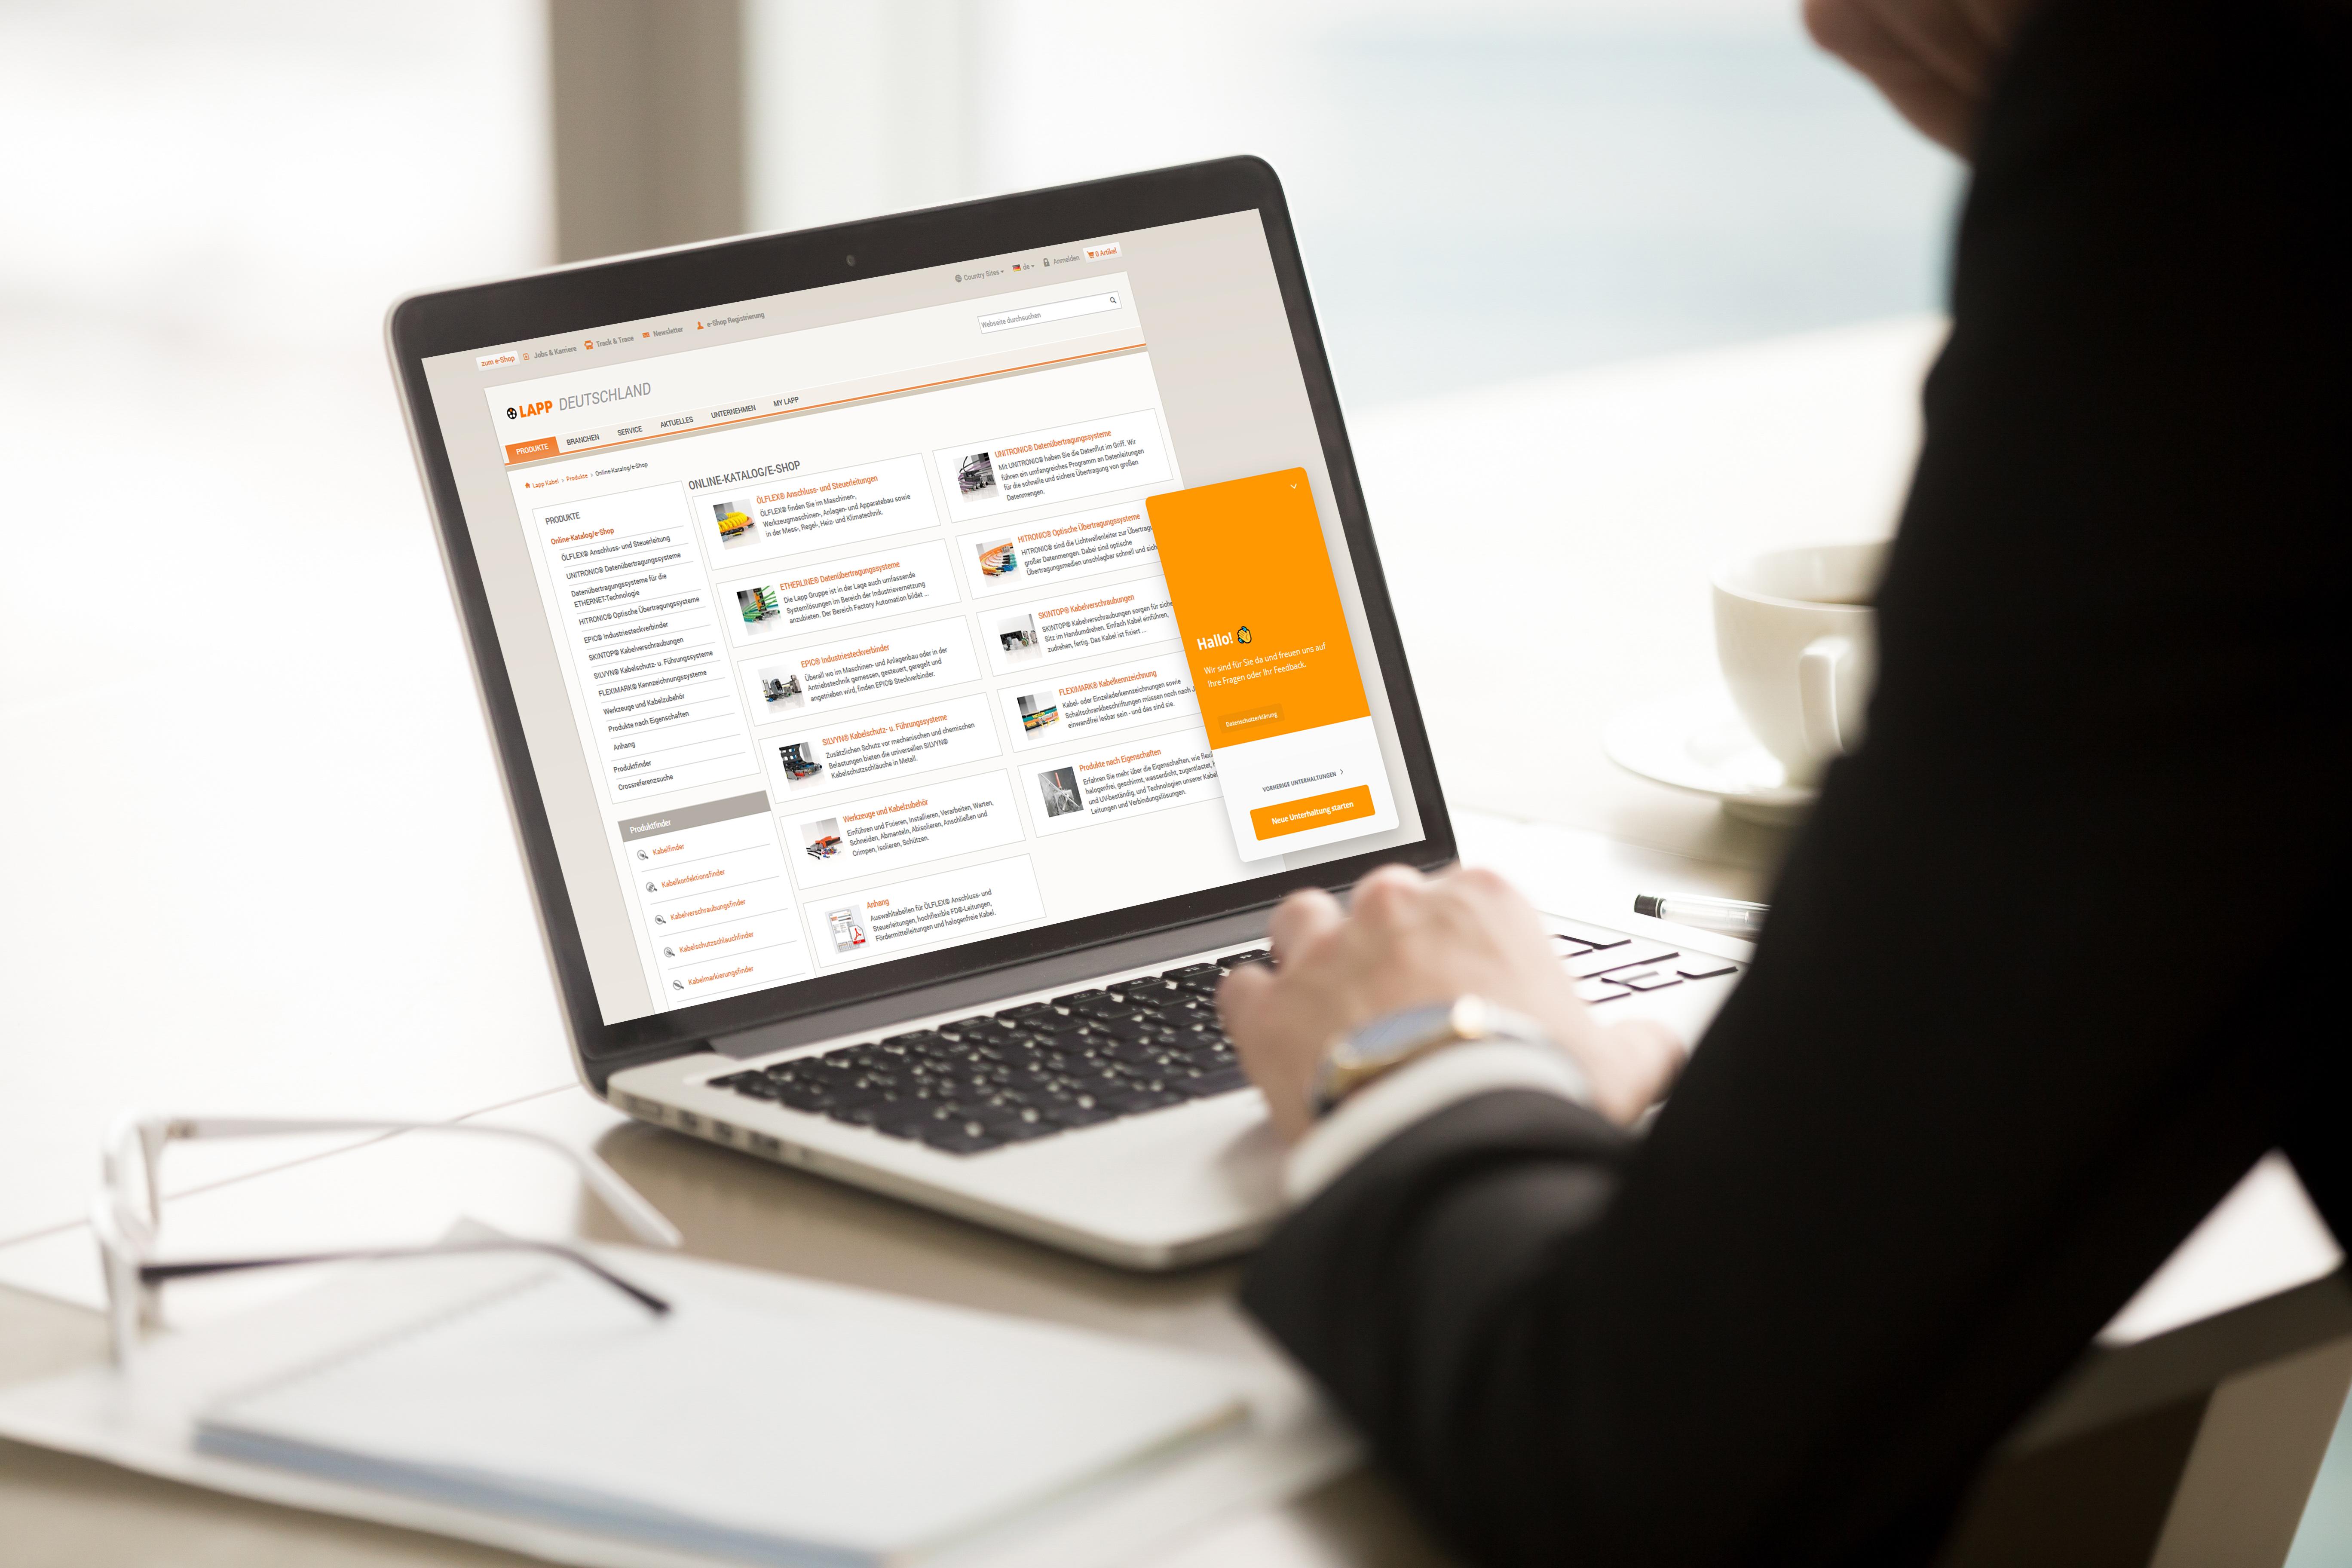 Schnelle Frage, rasche Antwort – der neue LAPP Live-Chat